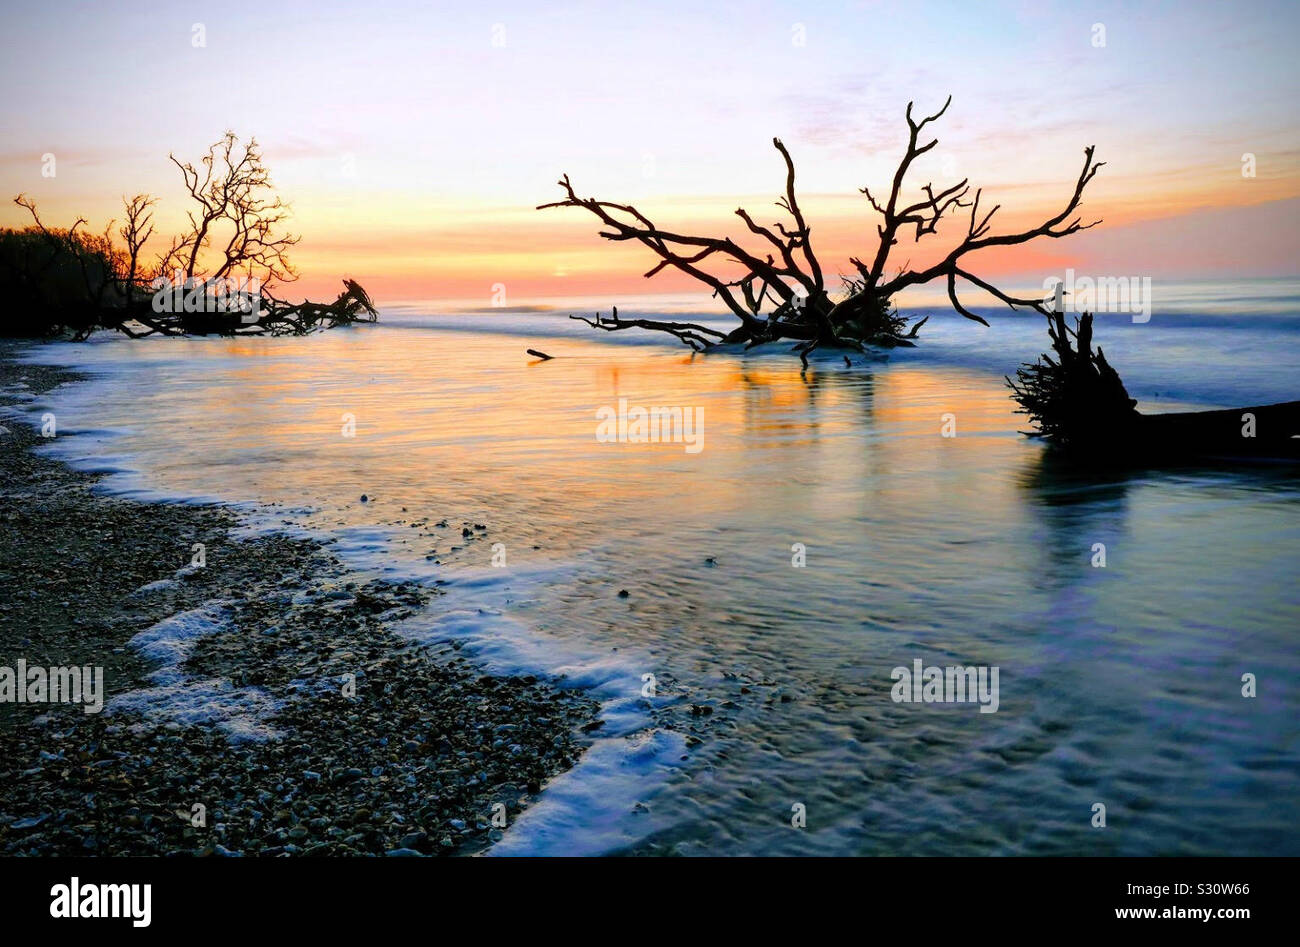 Tramonto sulla spiaggia di cimitero in Carolina del Sud Foto Stock